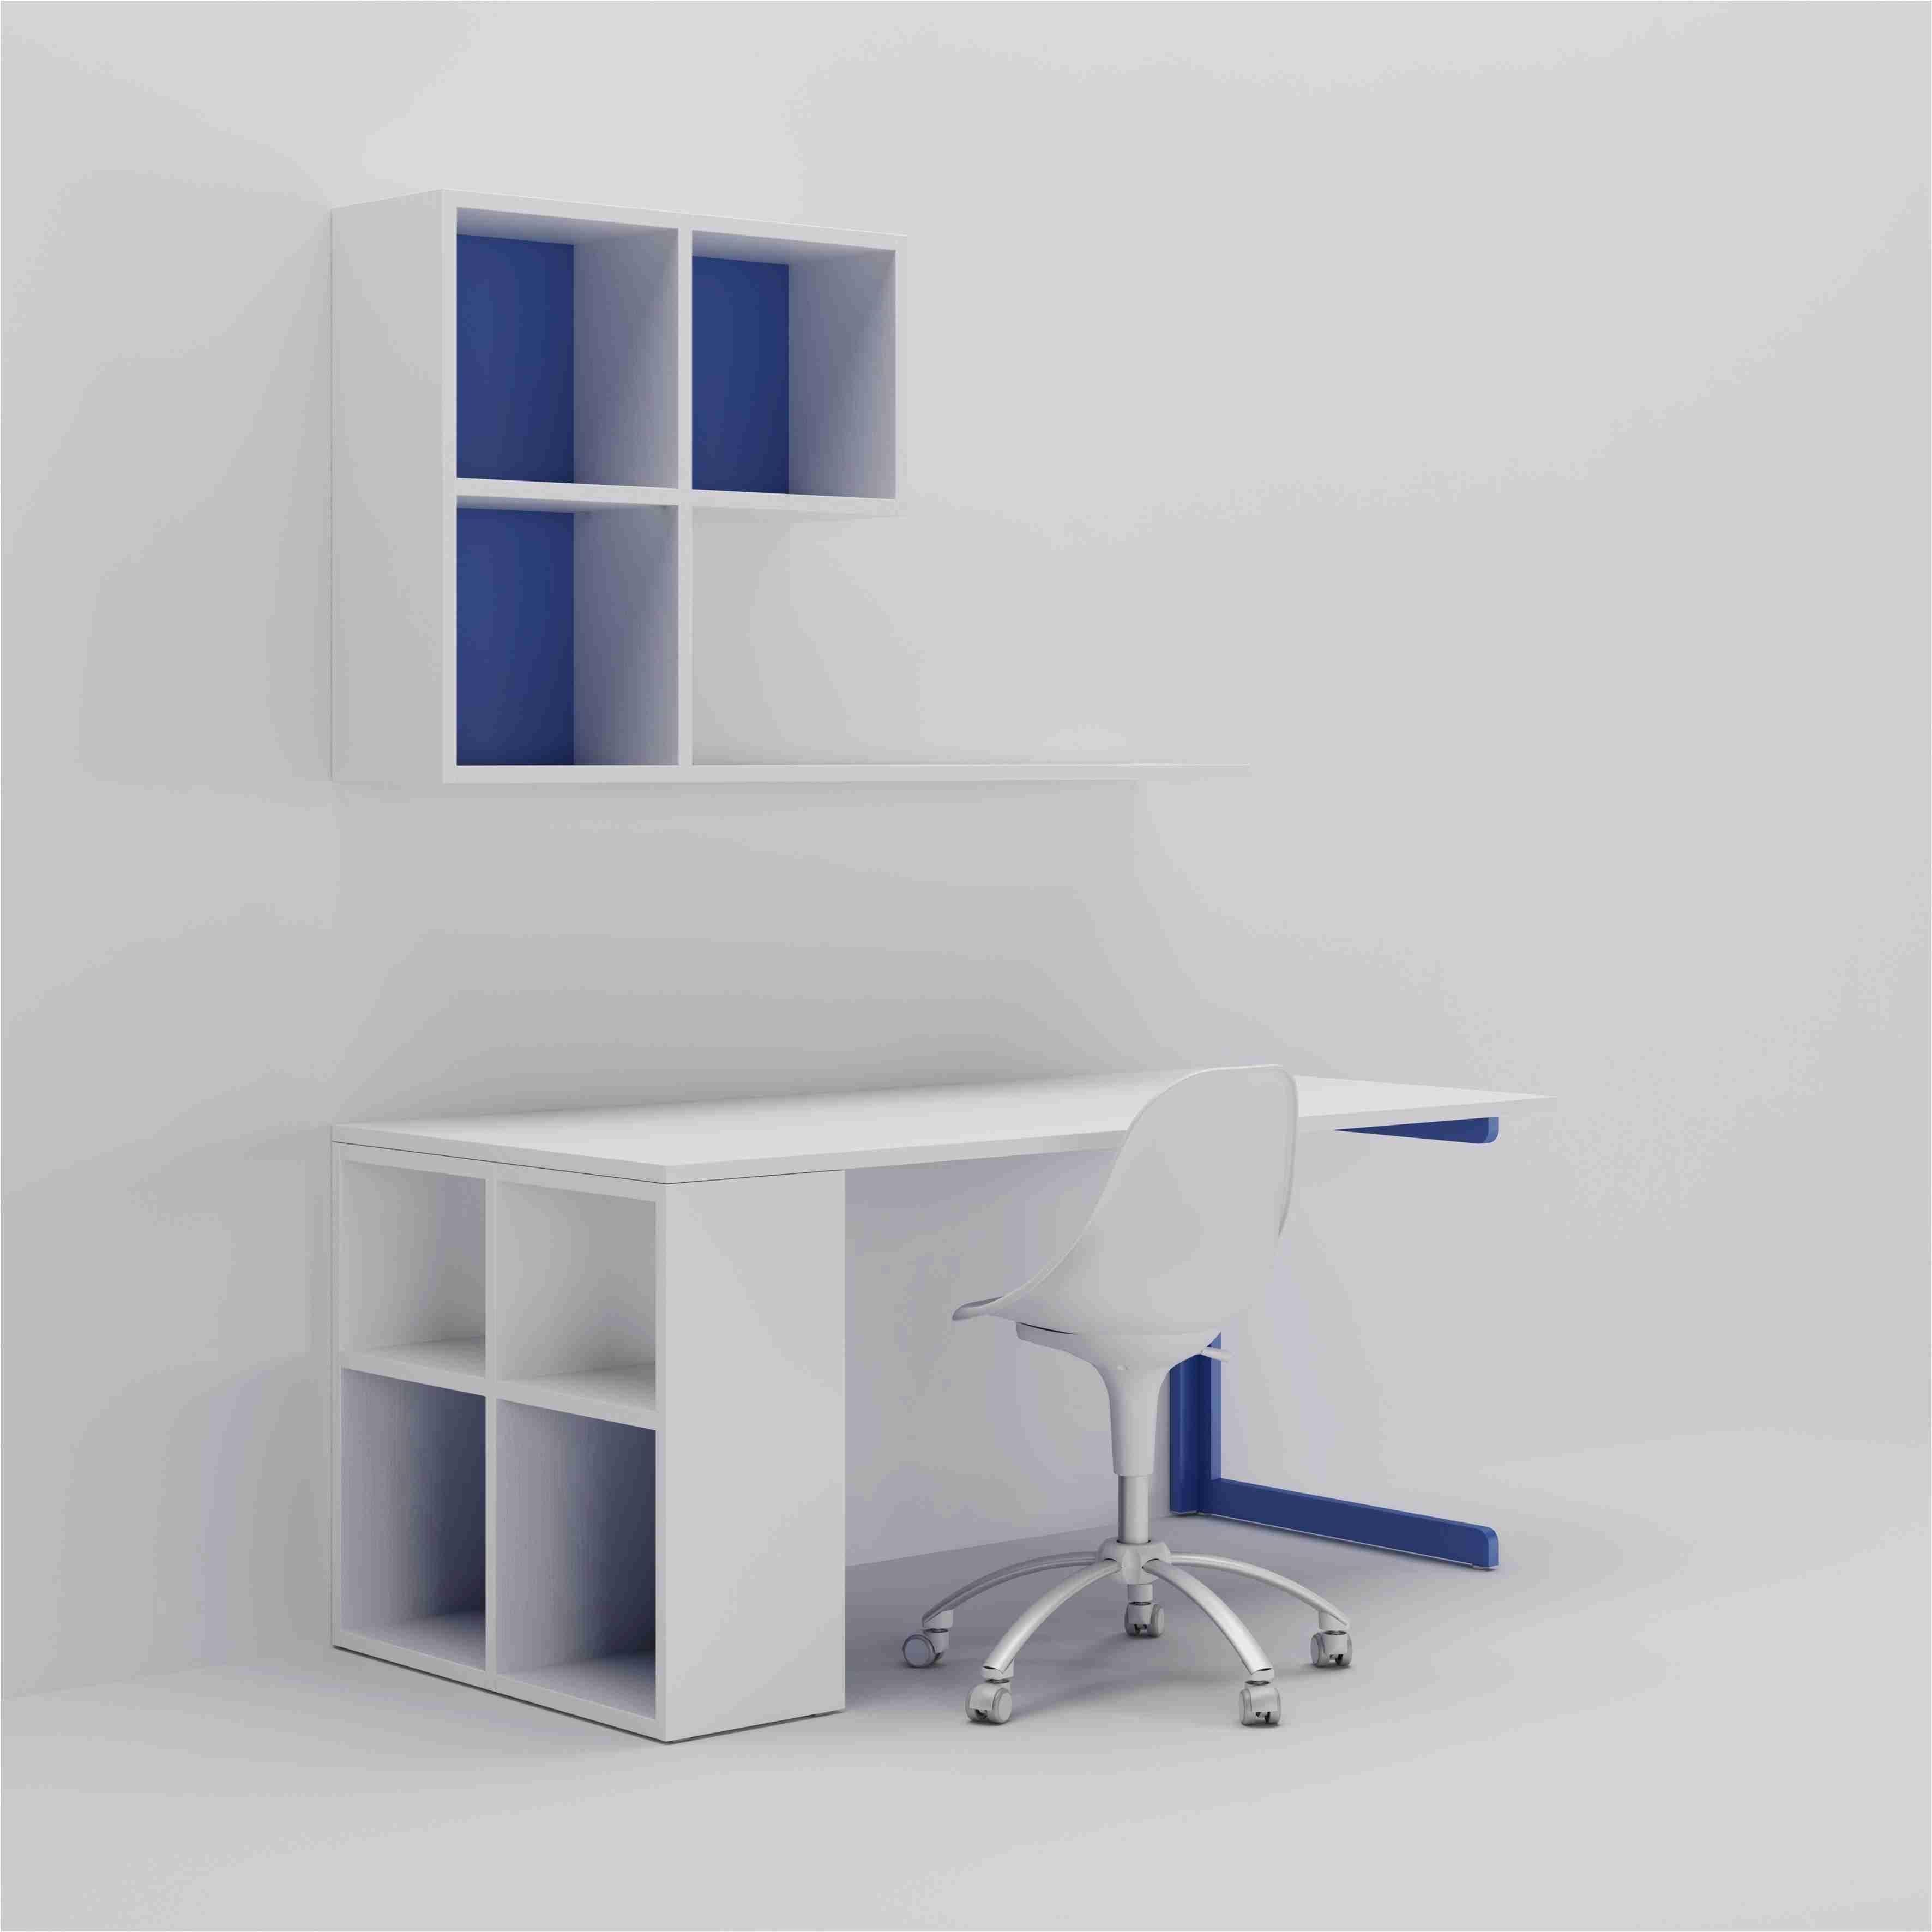 Ikea Lit Pliant Inspirant Séduisant Chaise Ikea Blanche Sur Ikea Tabouret Pliant Best Tabouret